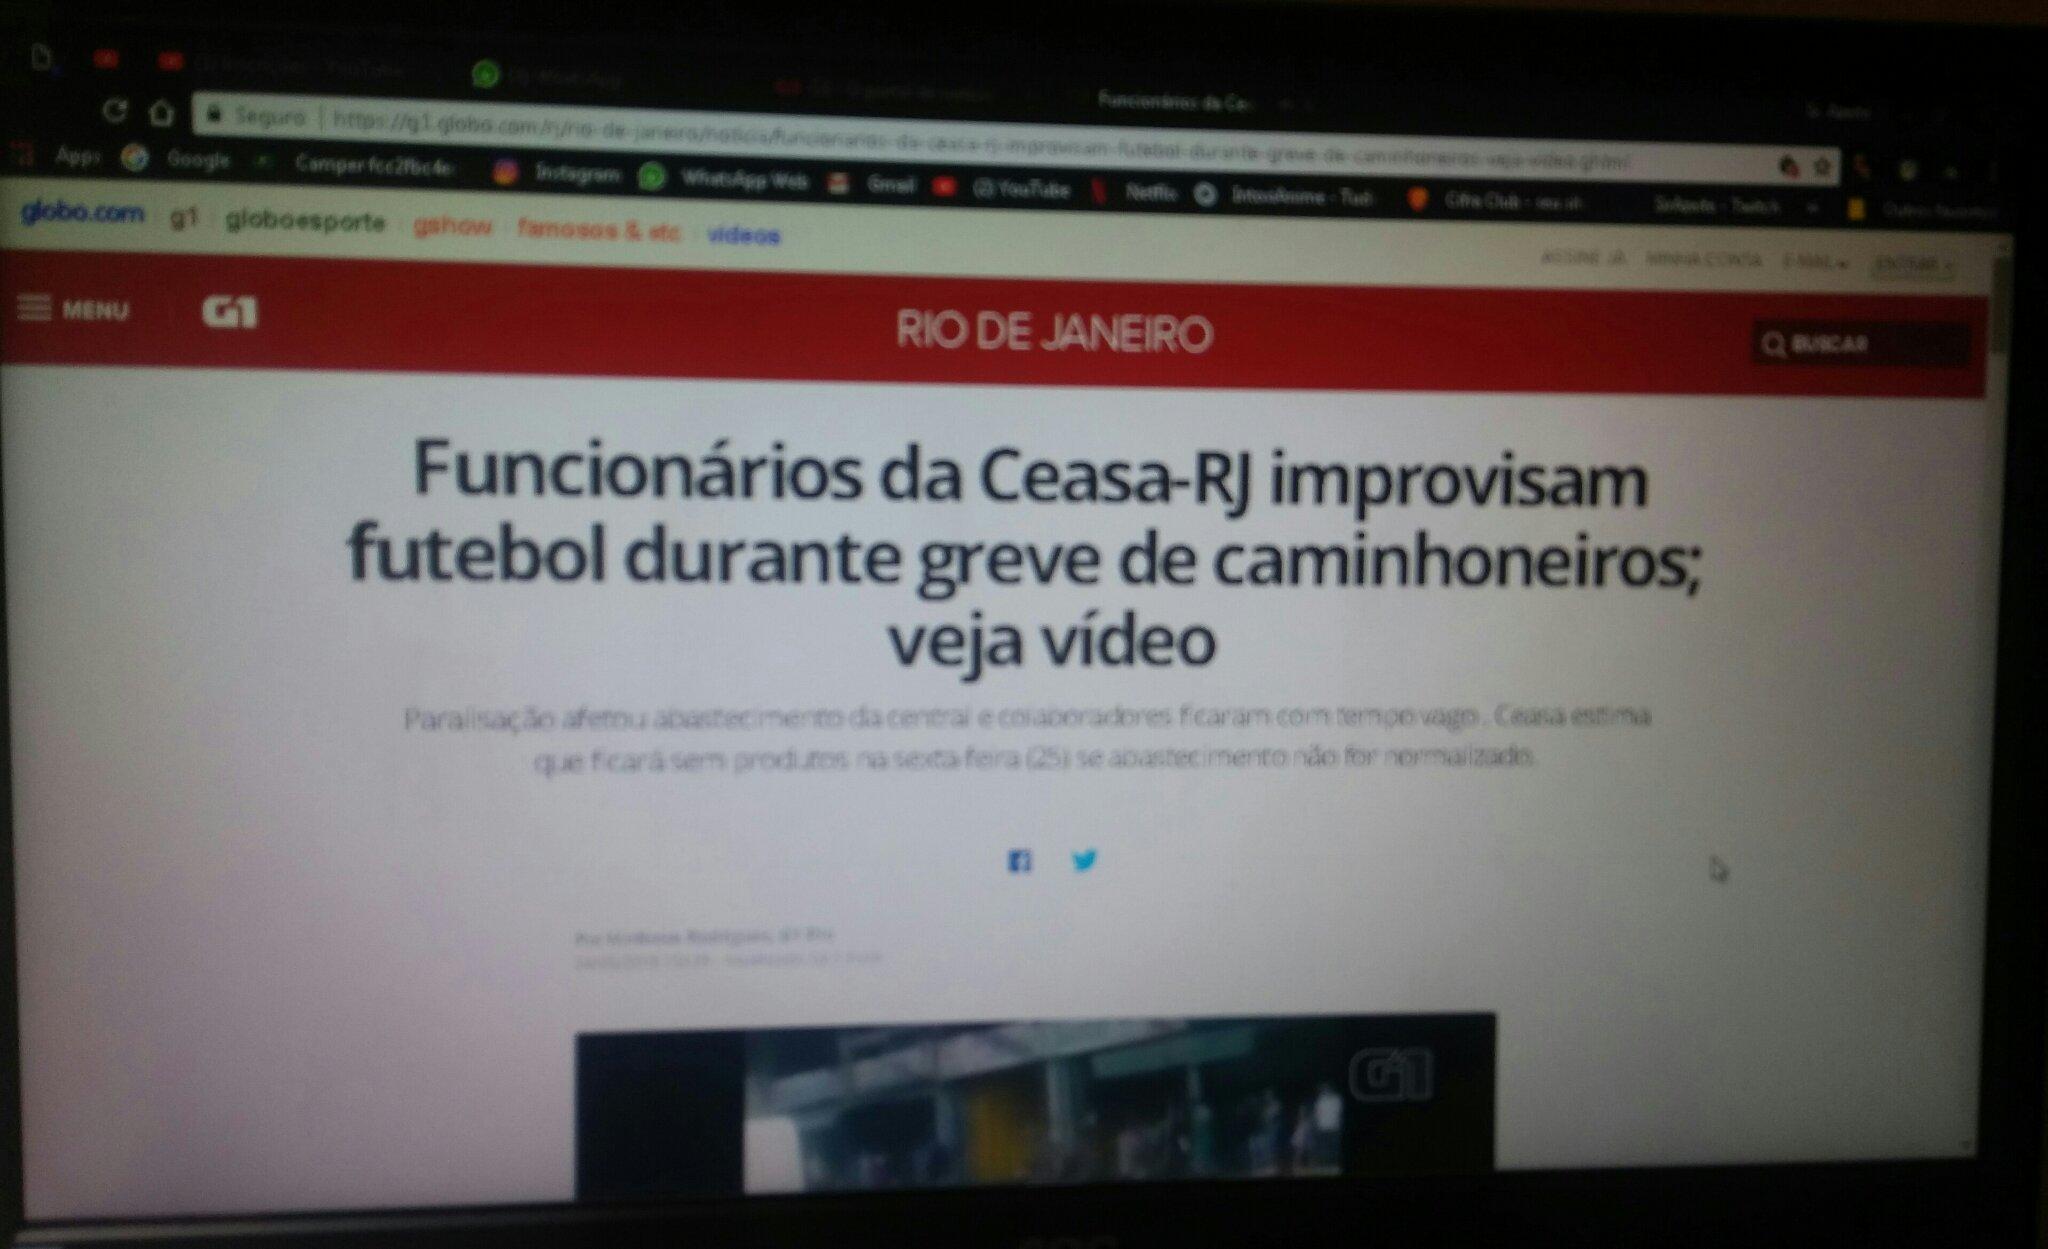 Brasileiro é um bicho cara de pau - meme